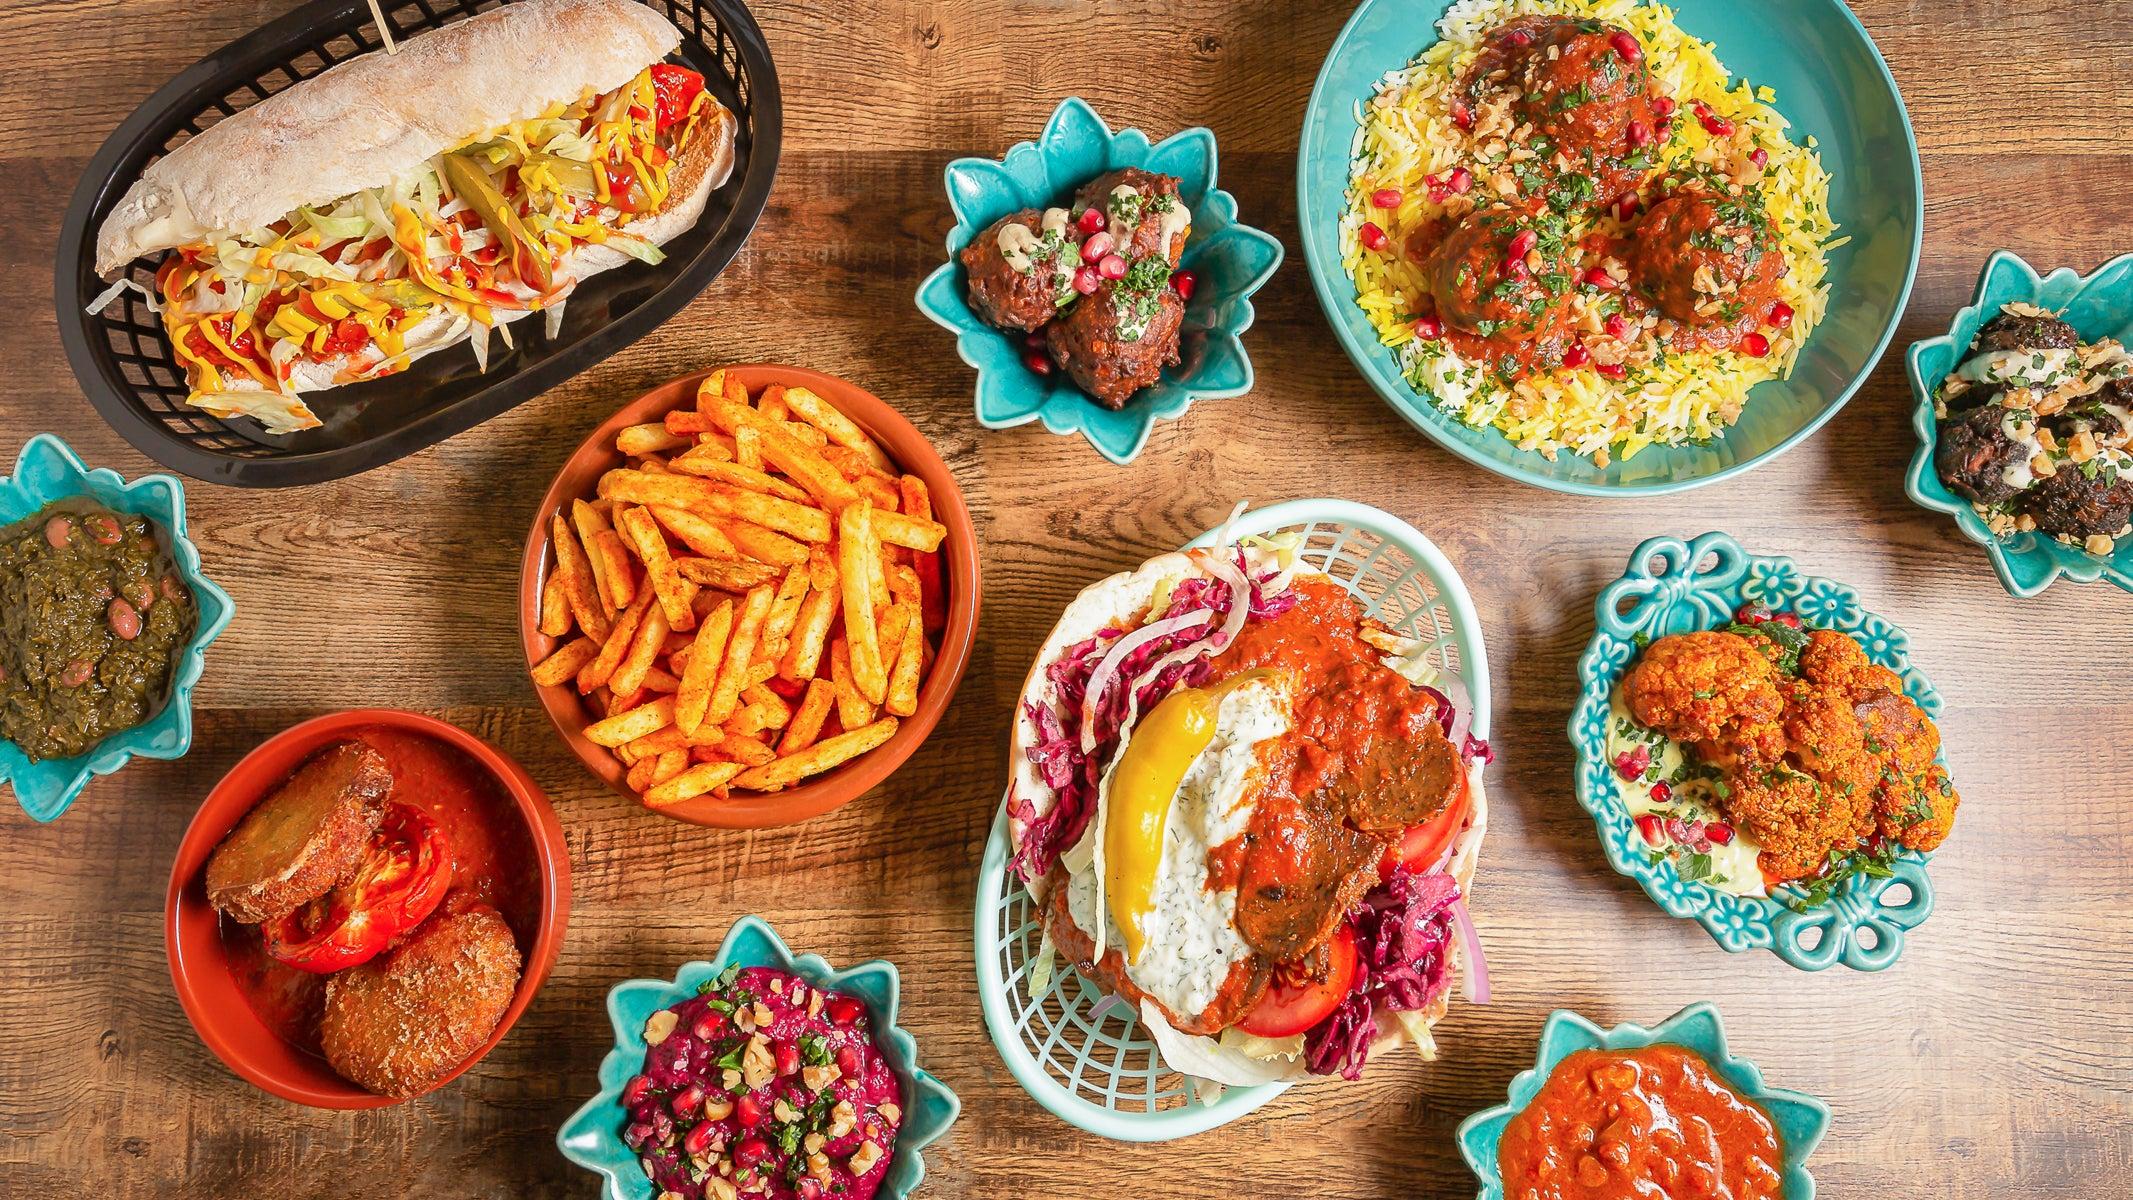 Halal Takeaway Delivered From Restaurants In Bristol Deliveroo